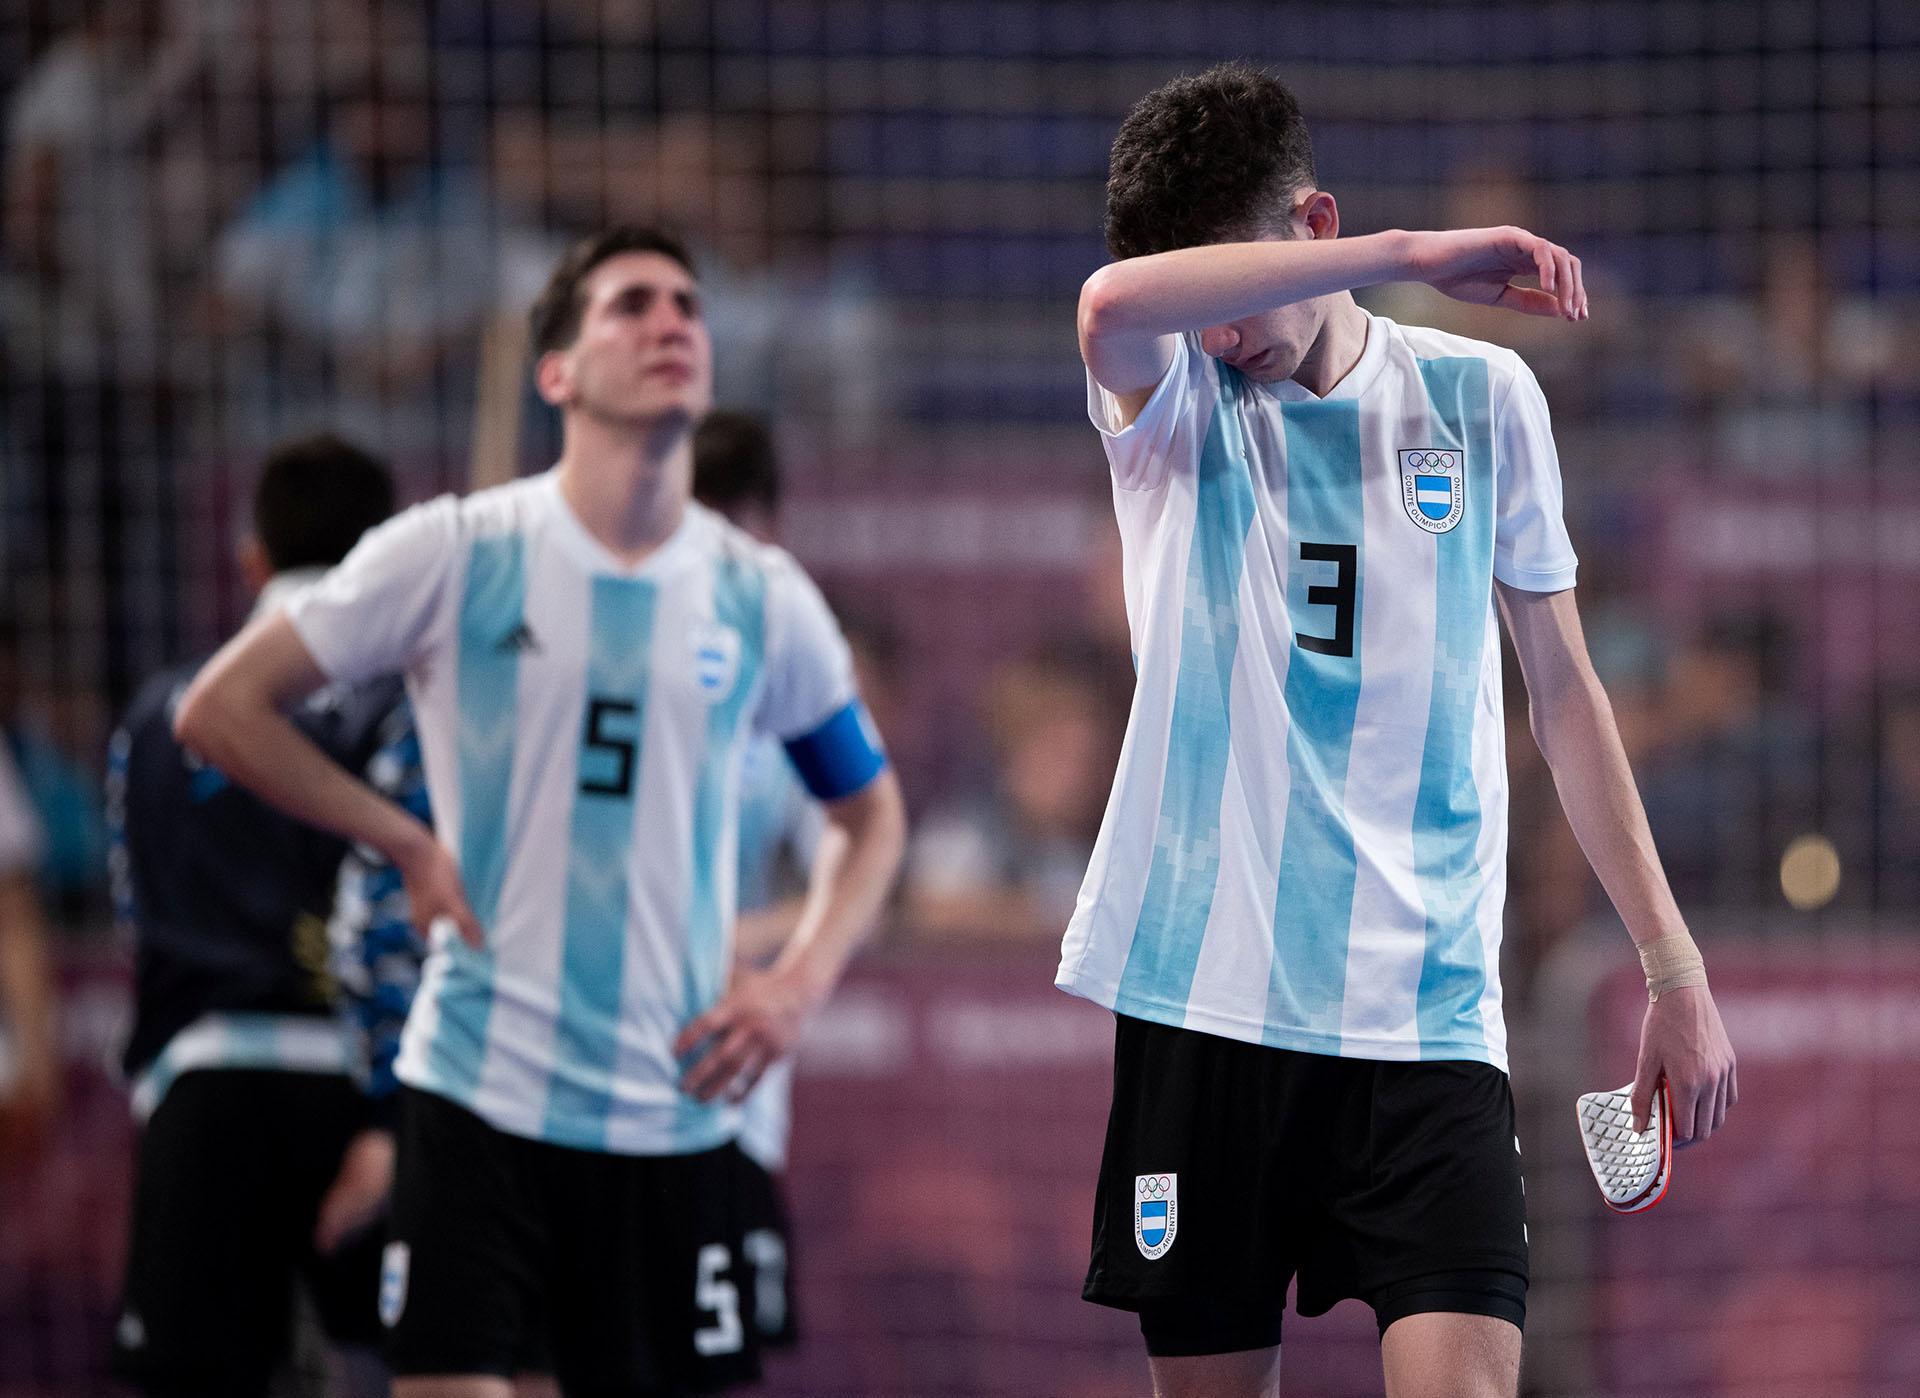 Alan De Candia y Facundo Gassmann no tienen consuelo tras la eliminación en futsal ante Brasil (Reuters)